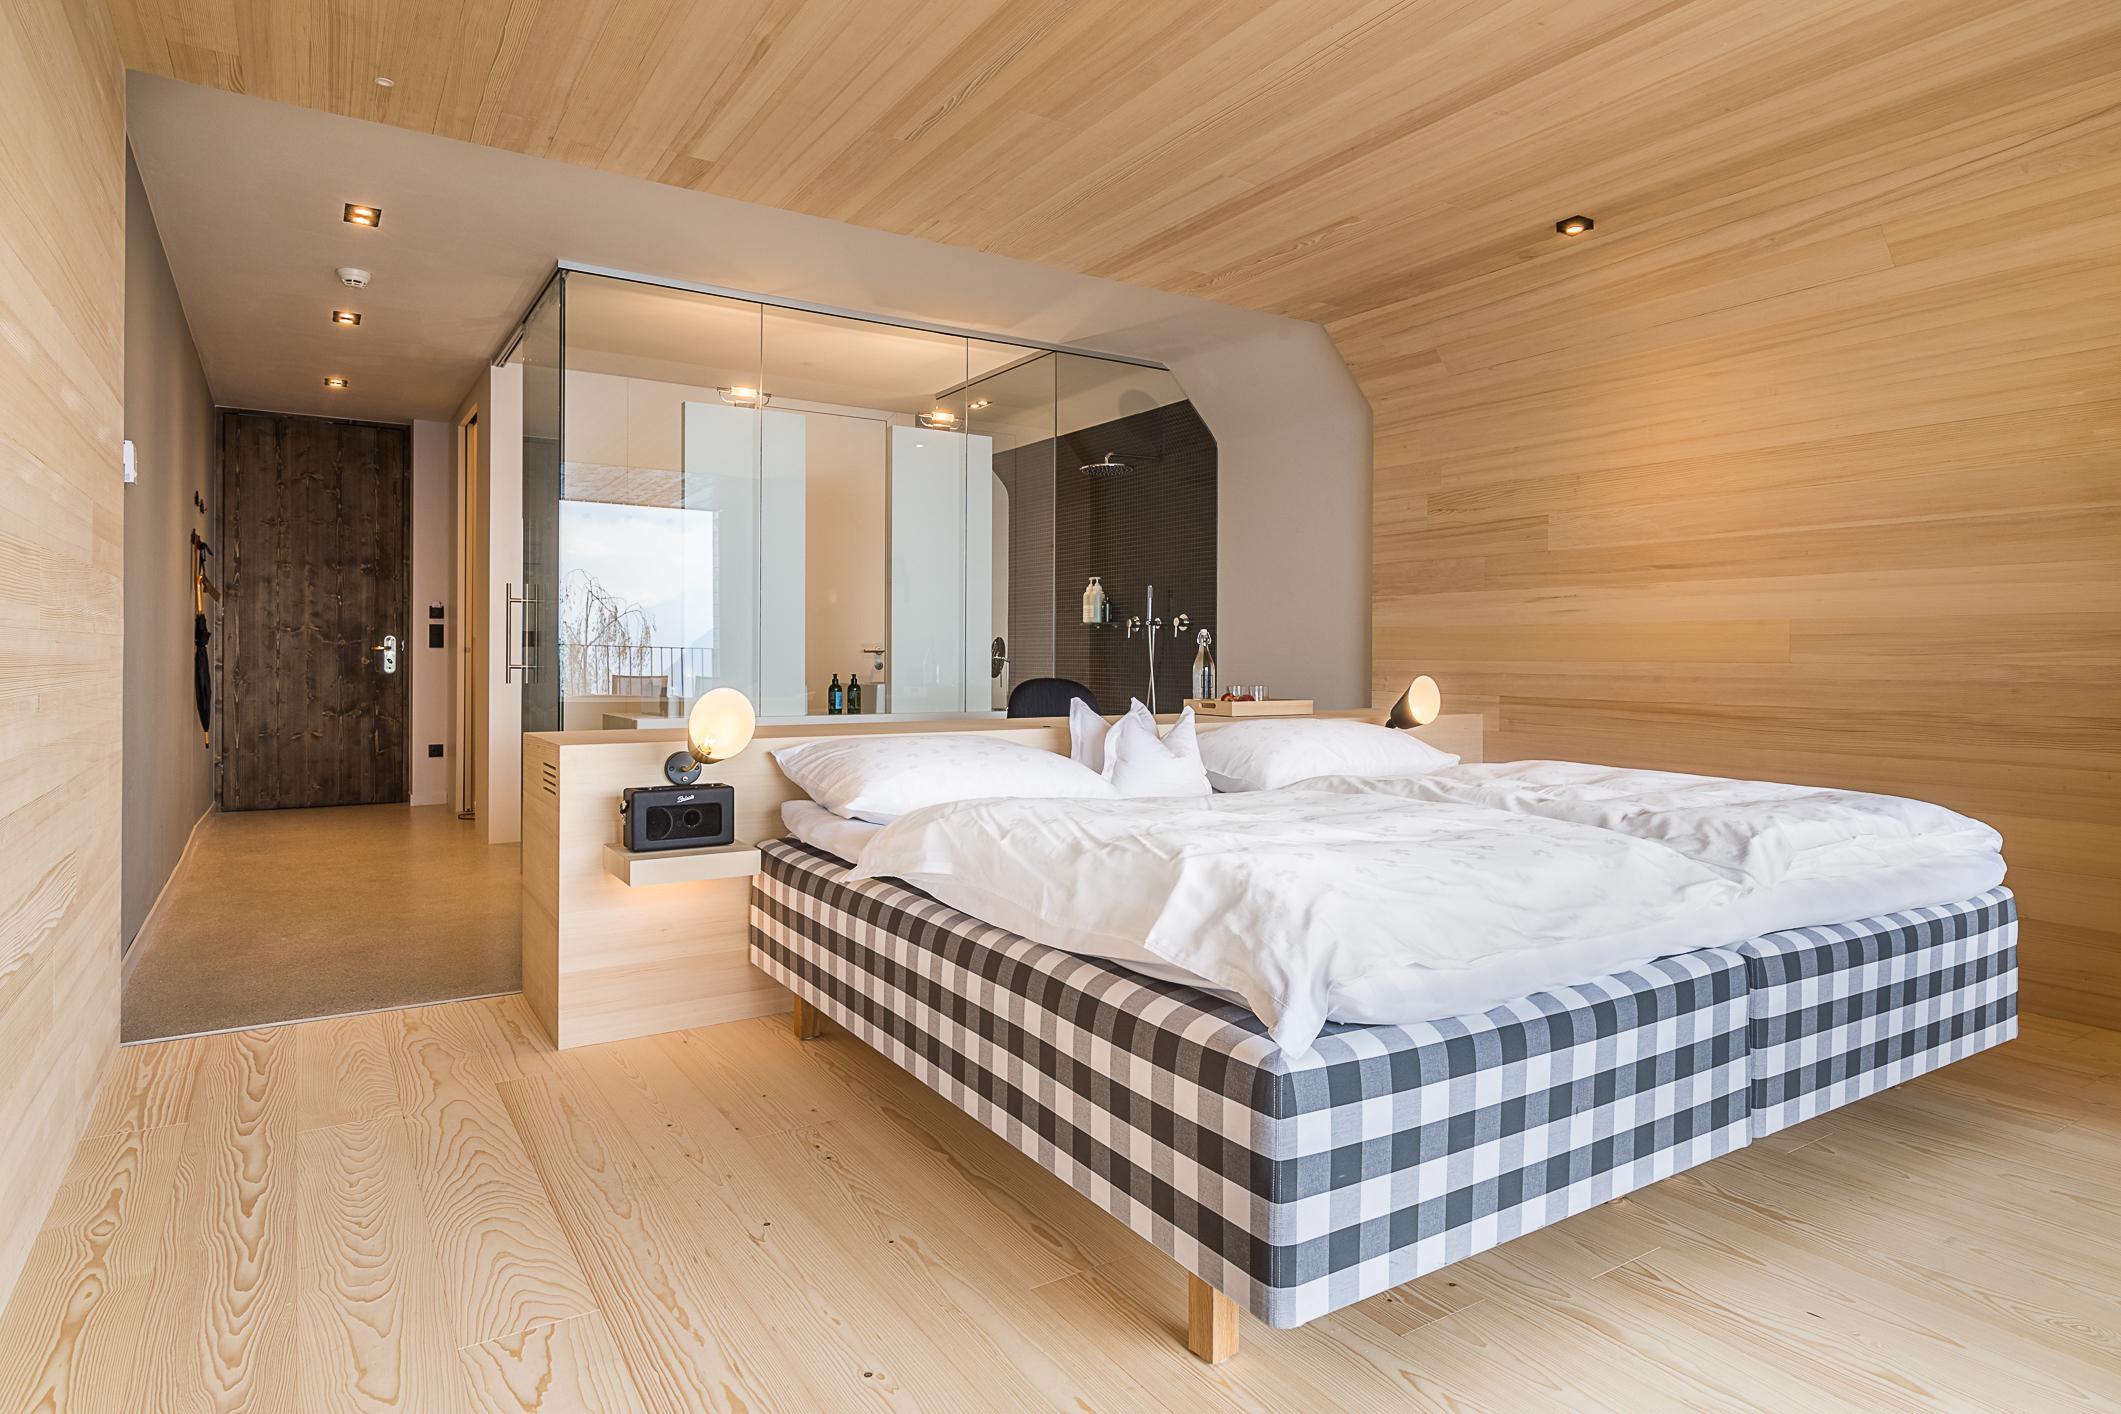 Luxus Chalet Stil Miramonti Zimmer Bett